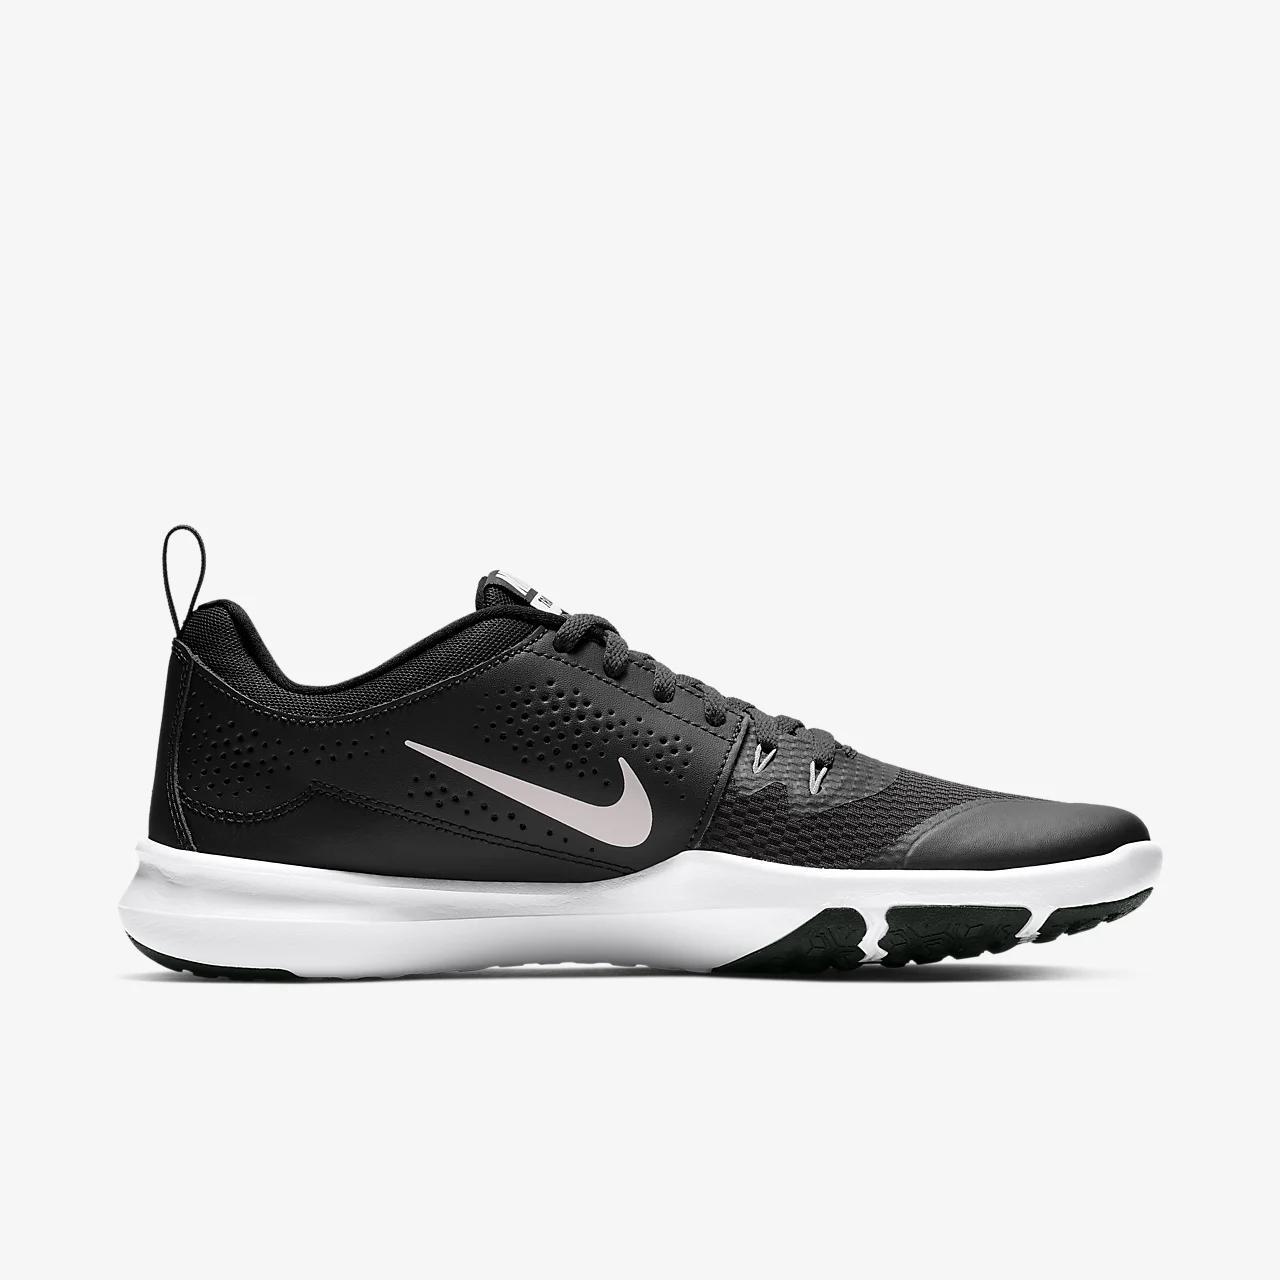 유럽직배송 나이키 NIKE Nike Legend Trainer Men's Training Shoe 924206-001